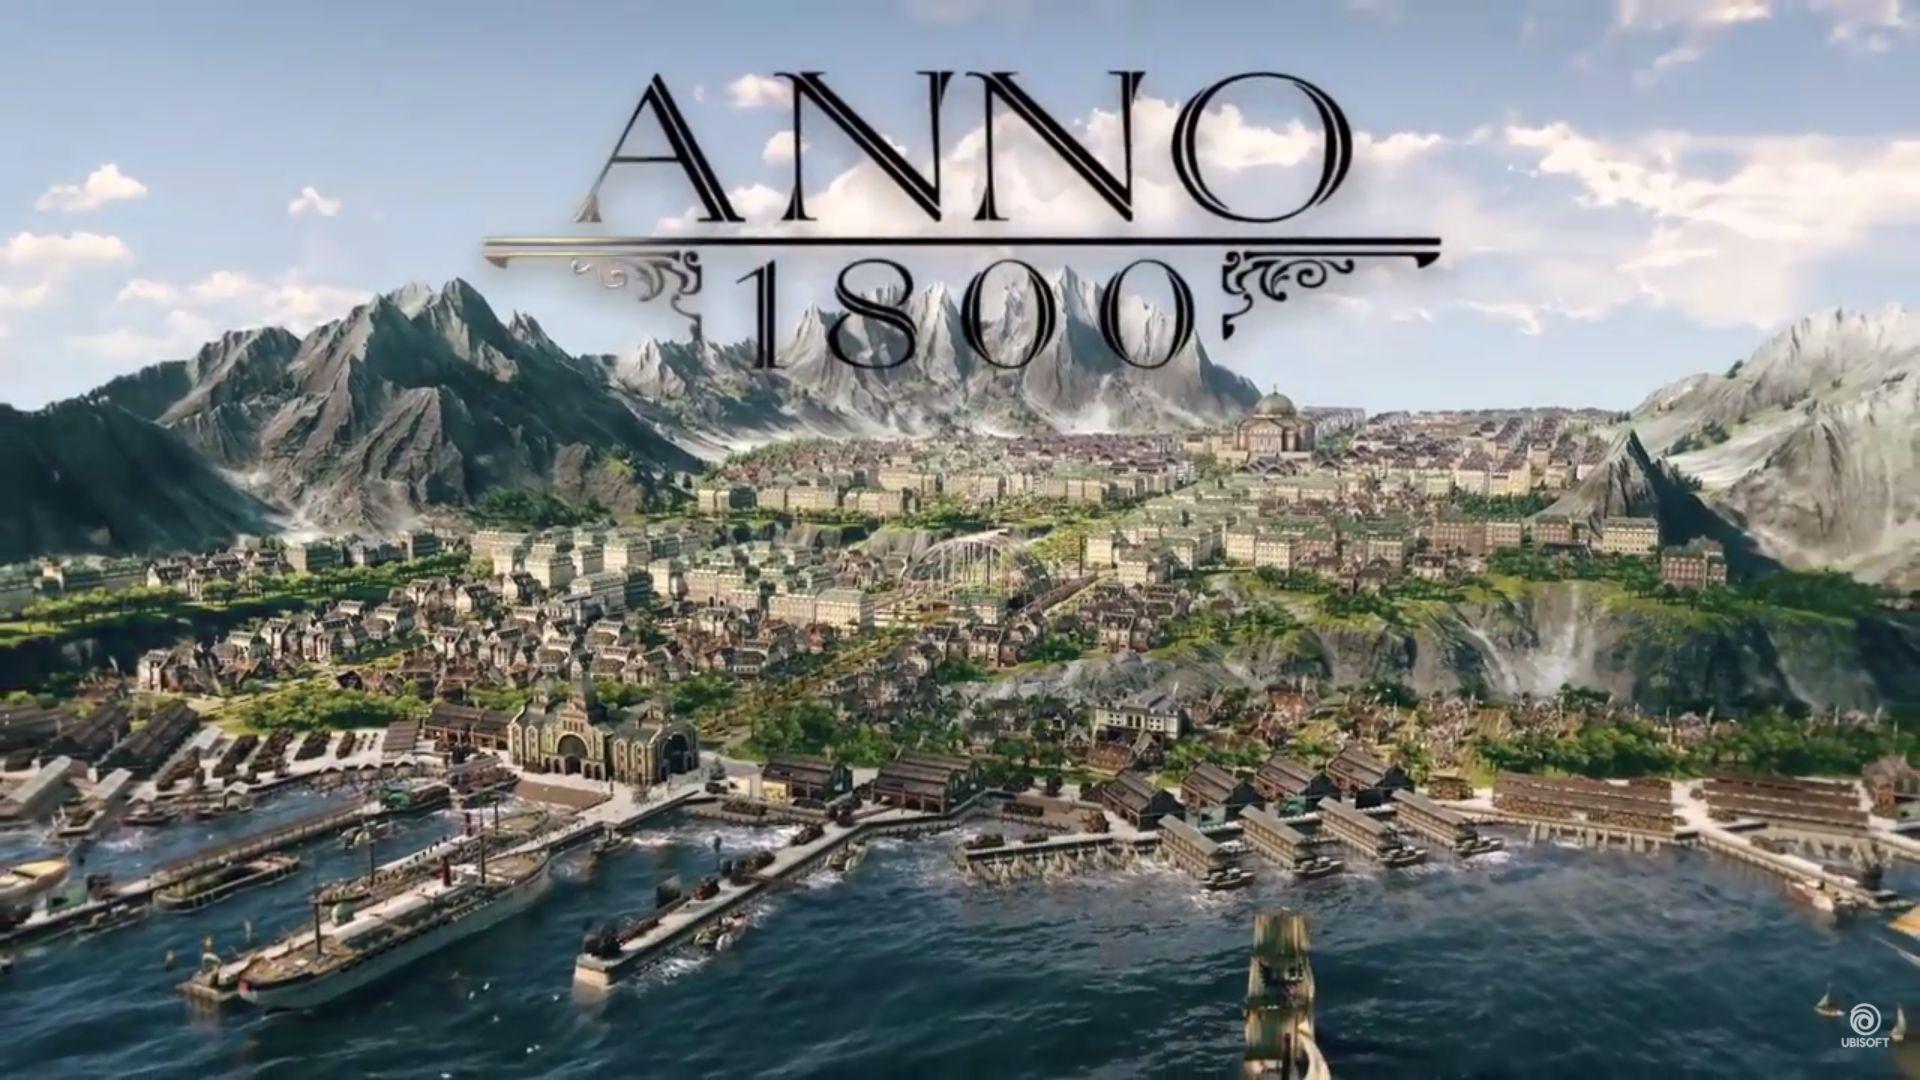 Anno 1800 Wallpaper HD